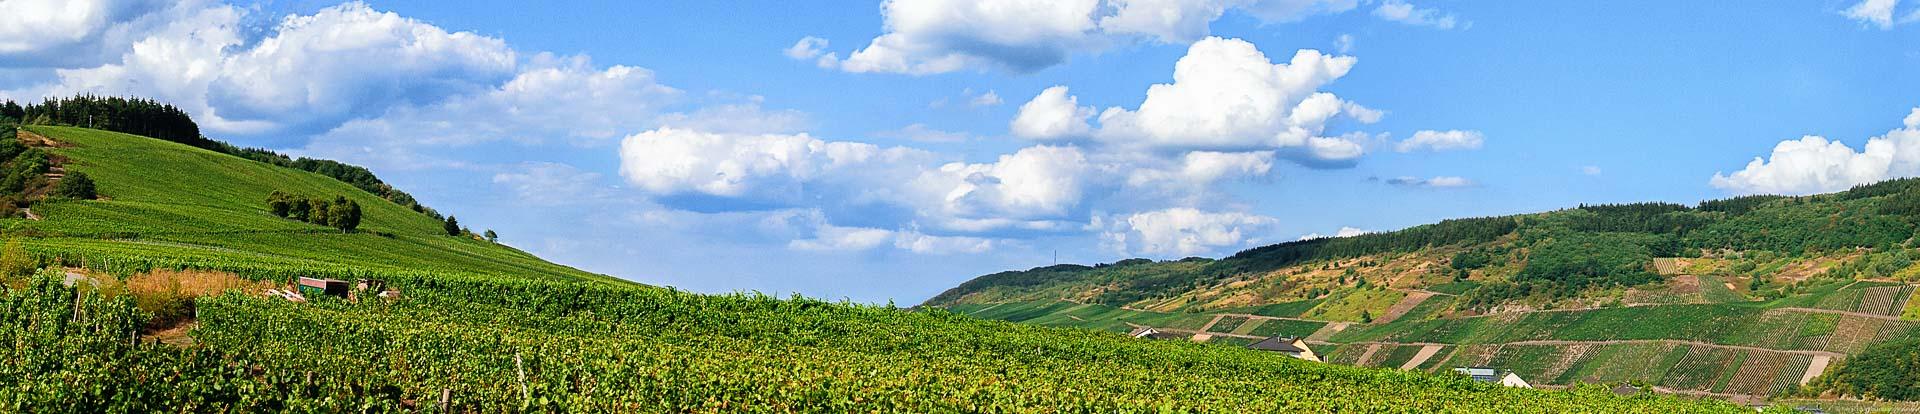 Vorne befindet sich der flache Bereich des Pölicher Held. Hinten rechts sieht man den steilen Bereich des Weinbergs. Oben links sind einige Bäume. Am blauen Himmel sind Wolken.